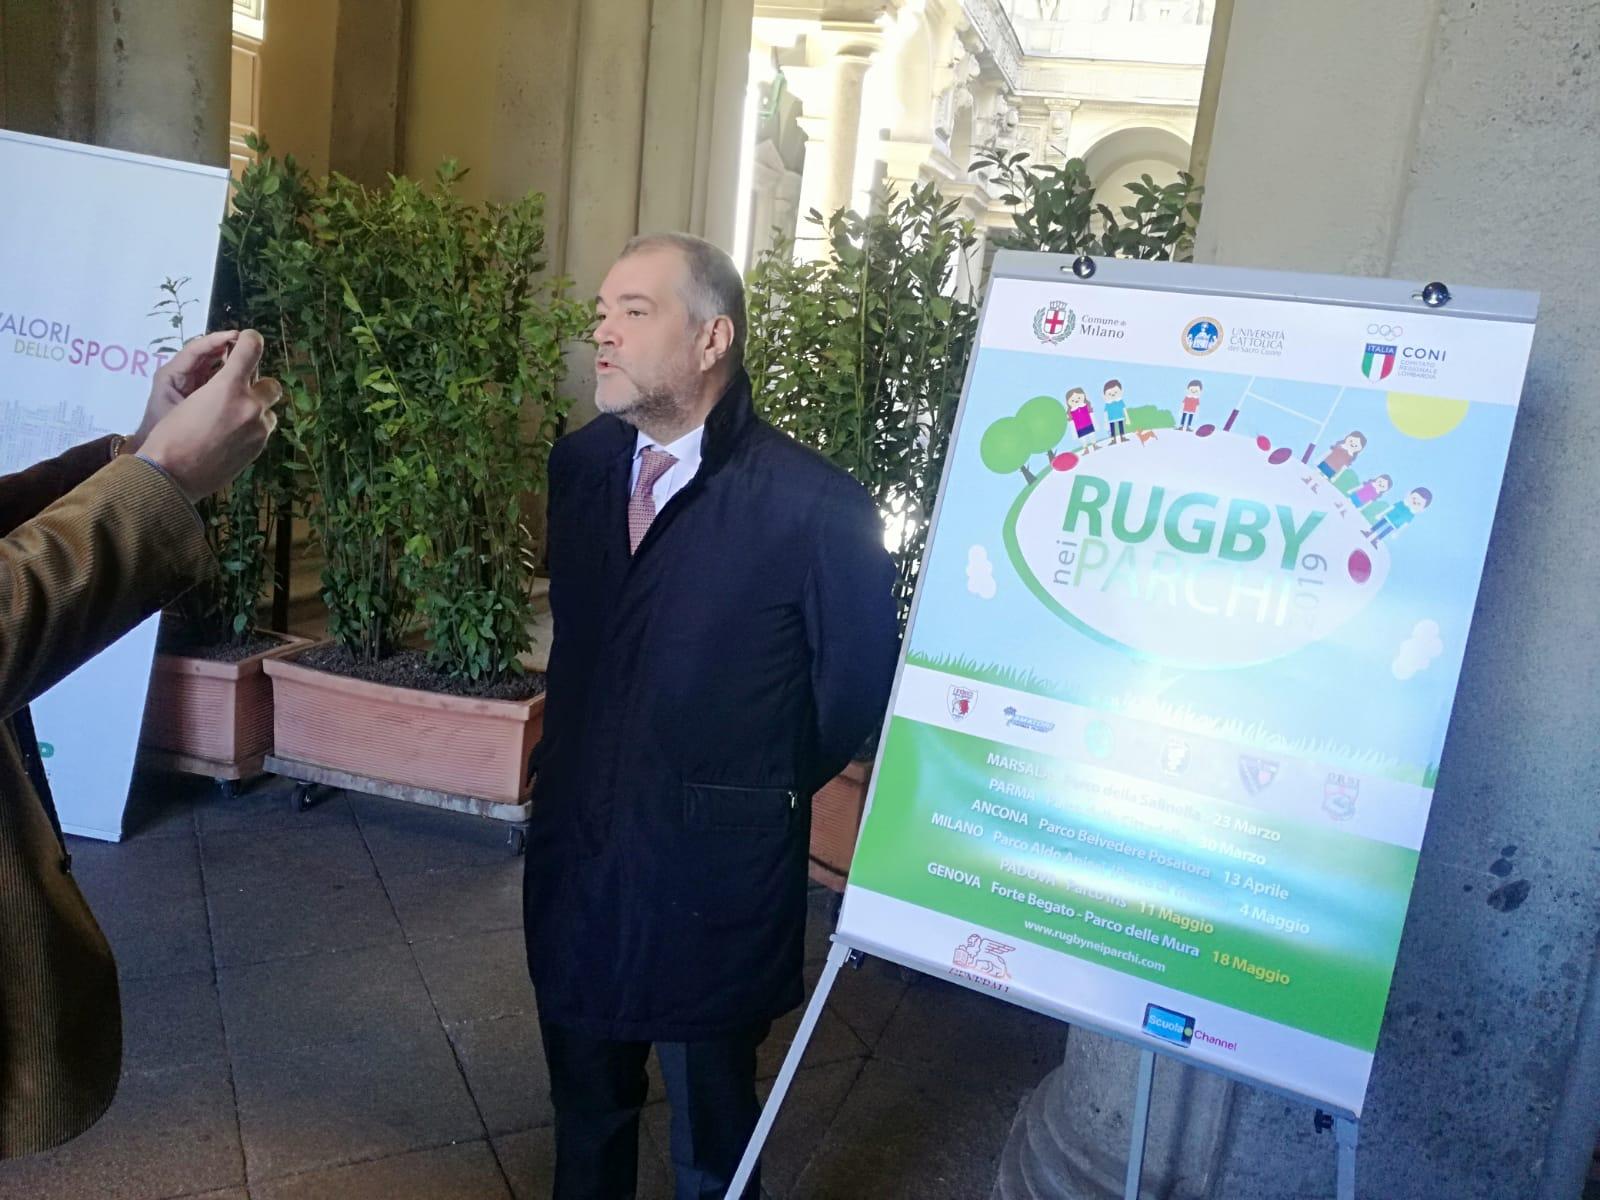 Rugby, tutto pronto per l'ottava edizione di Rugby nei Parchi con 6 città coinvolte